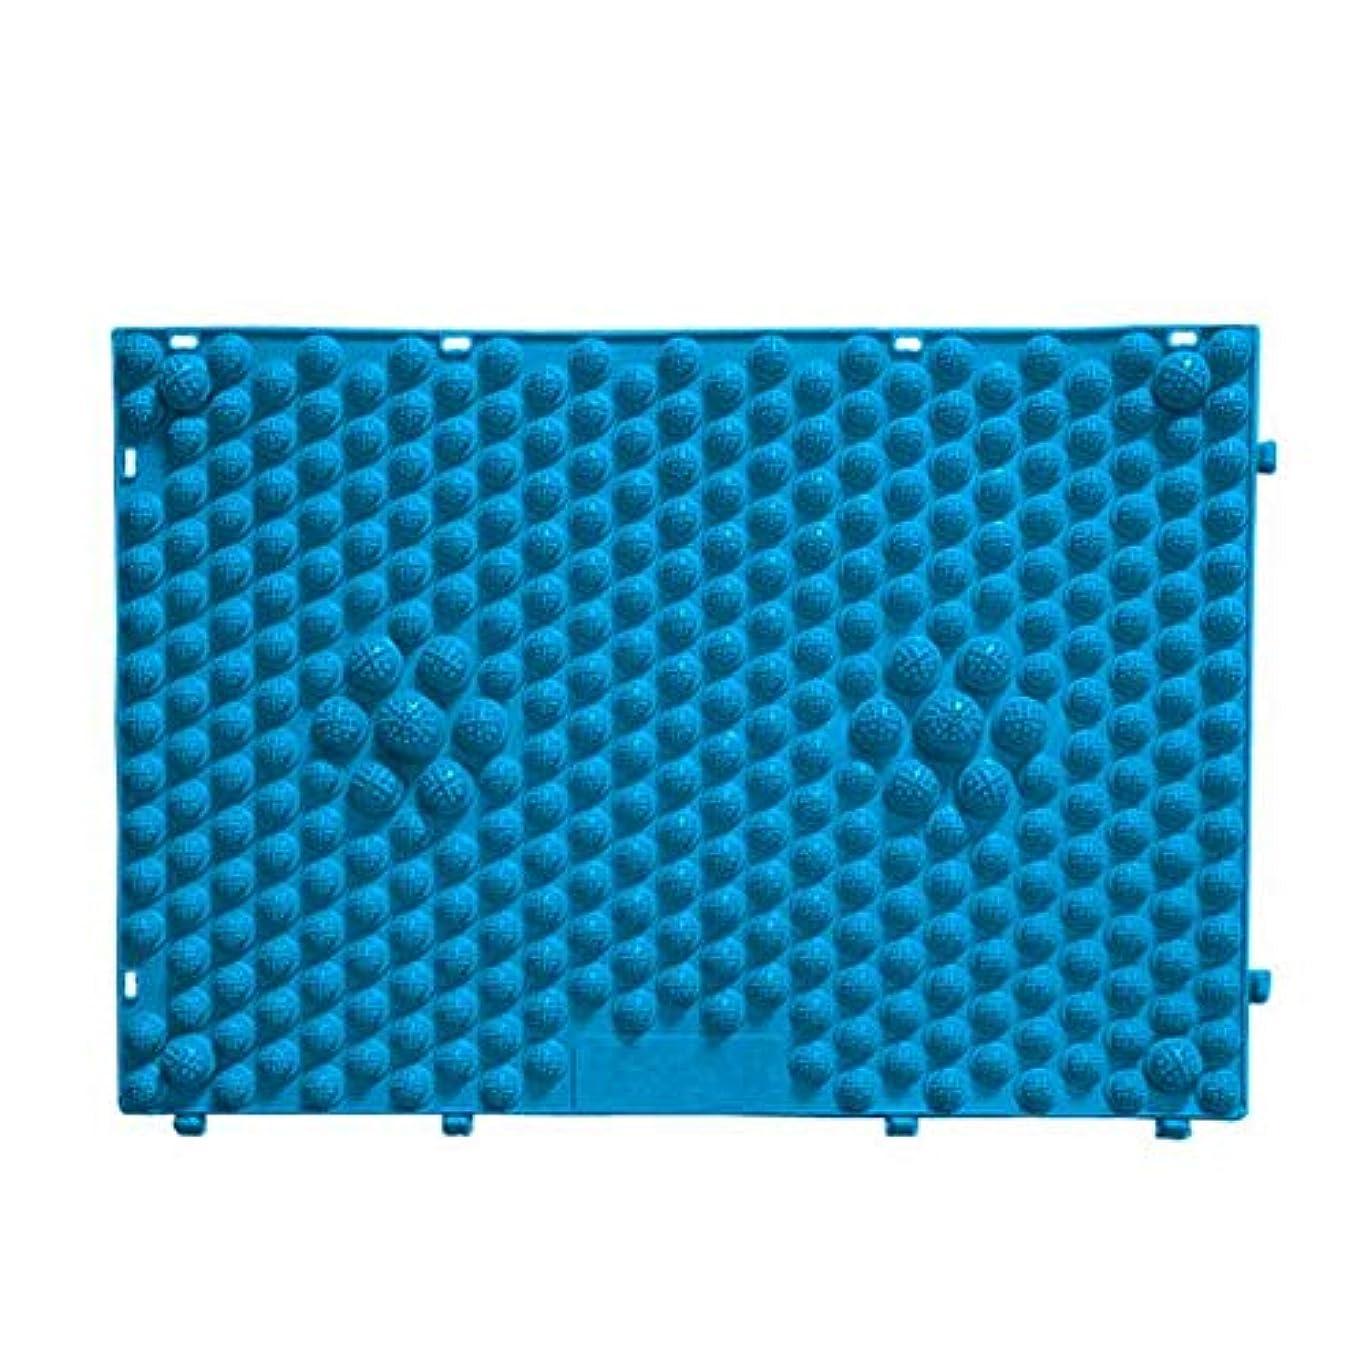 ビュッフェ連結するバーストFOREVER YOUNG マッサージシート フットマッサージマット フットマッサージ ウォーキングマット 足踏みマッサージ 足つぼ マット 足裏マット 組合せ 60*40cm (ブルー)